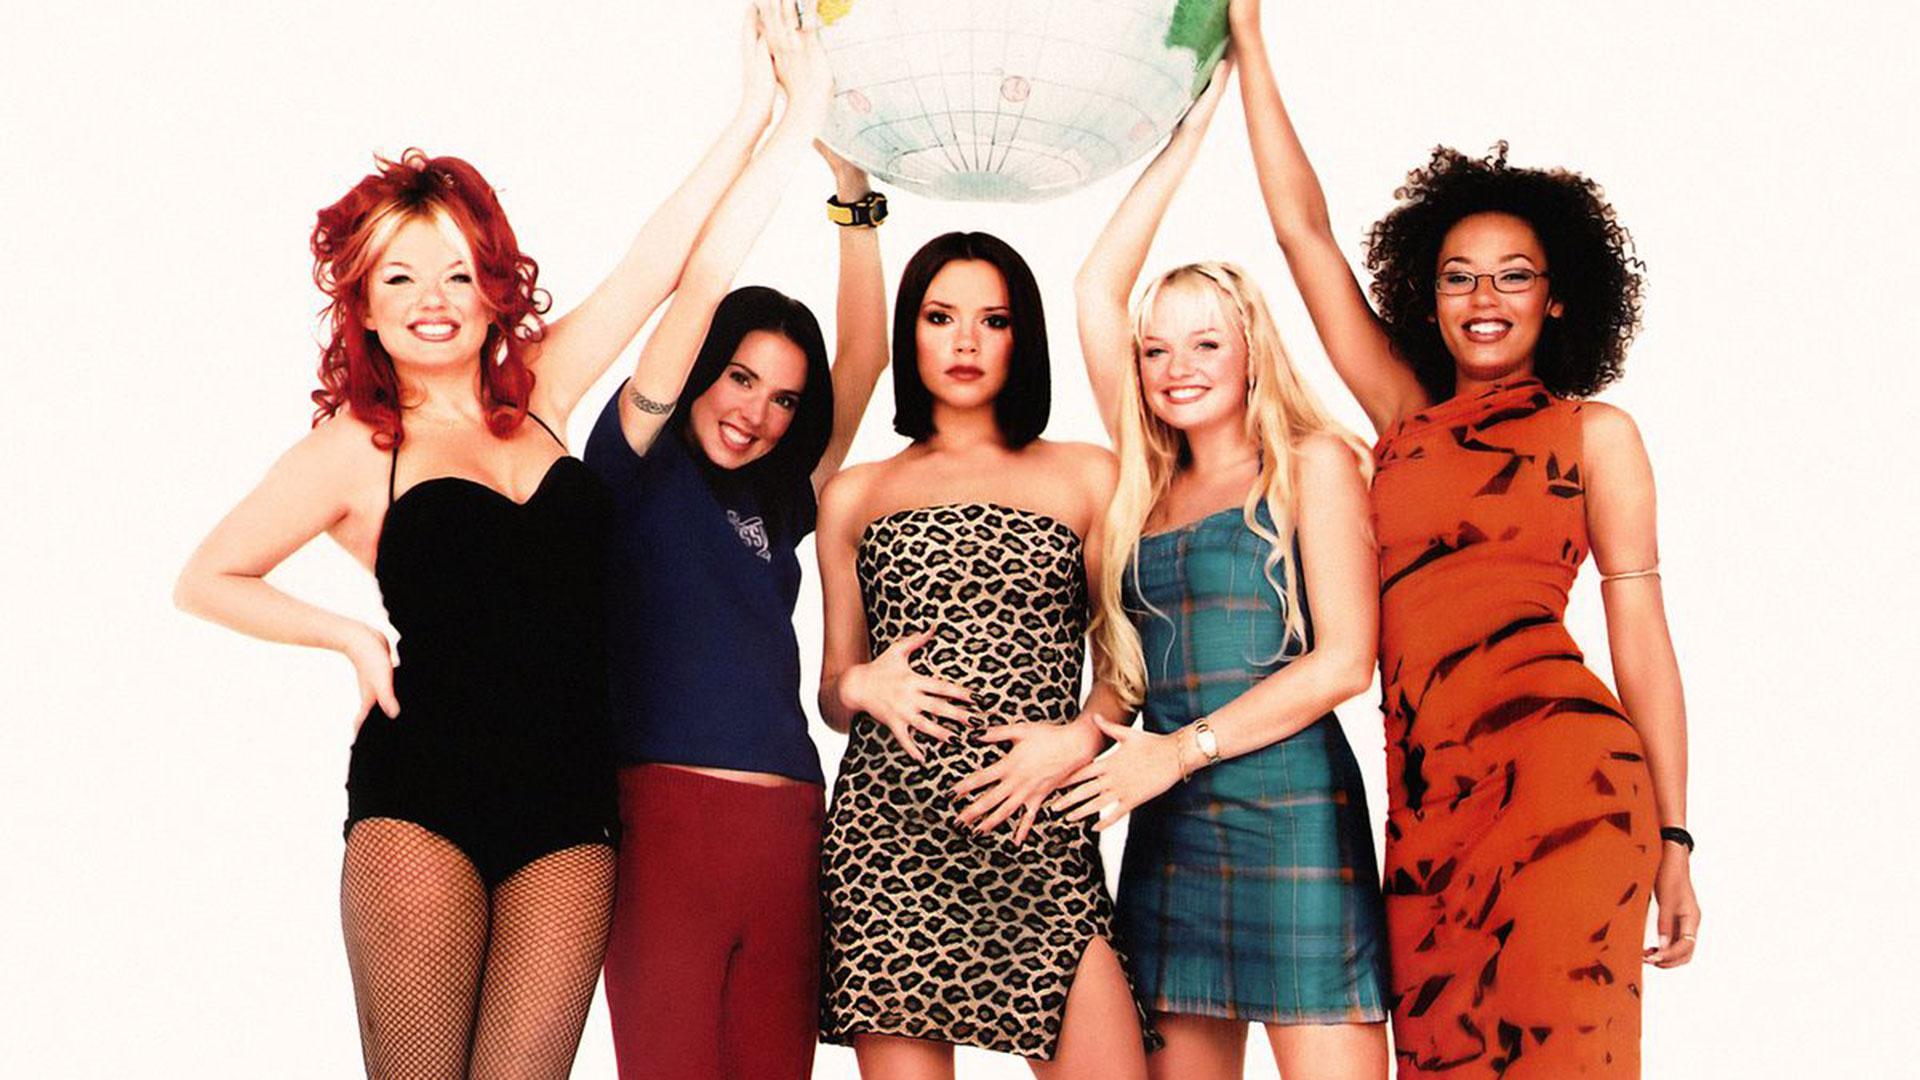 Las Spice Girls aún no han revelado de qué se trata su nuevo proyecto juntas